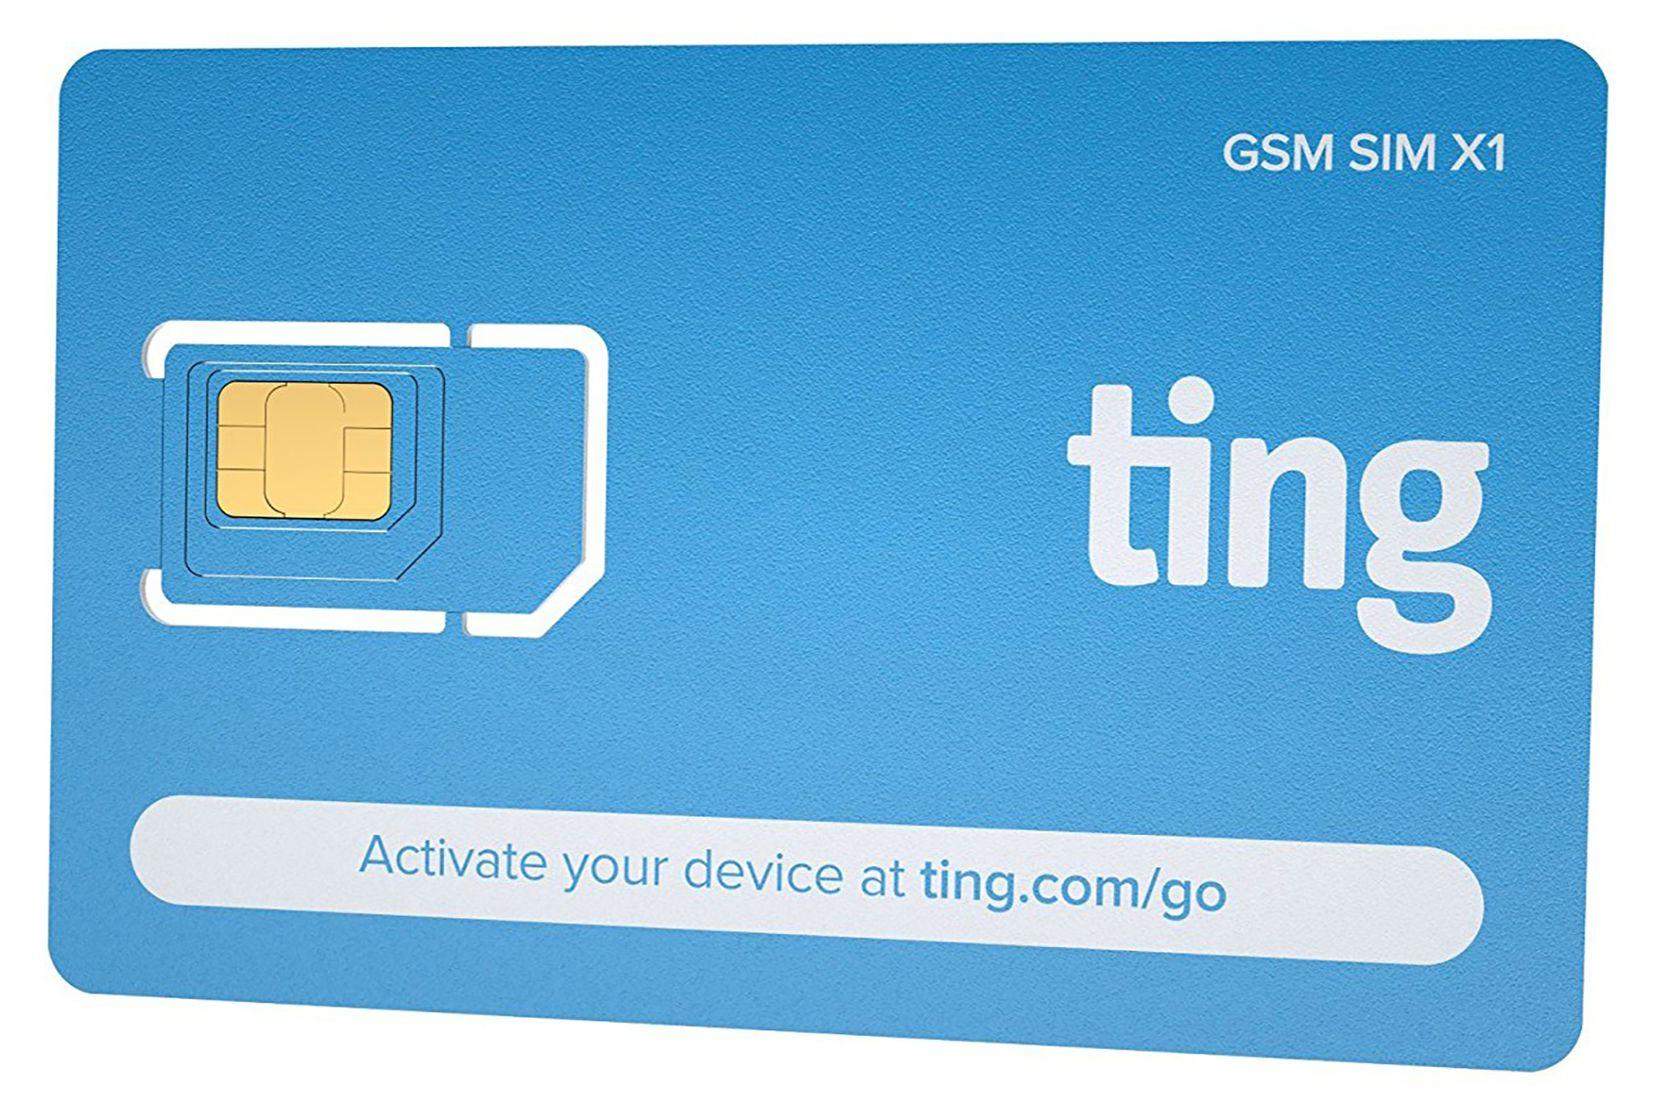 Ting Mobile SIM starter kit